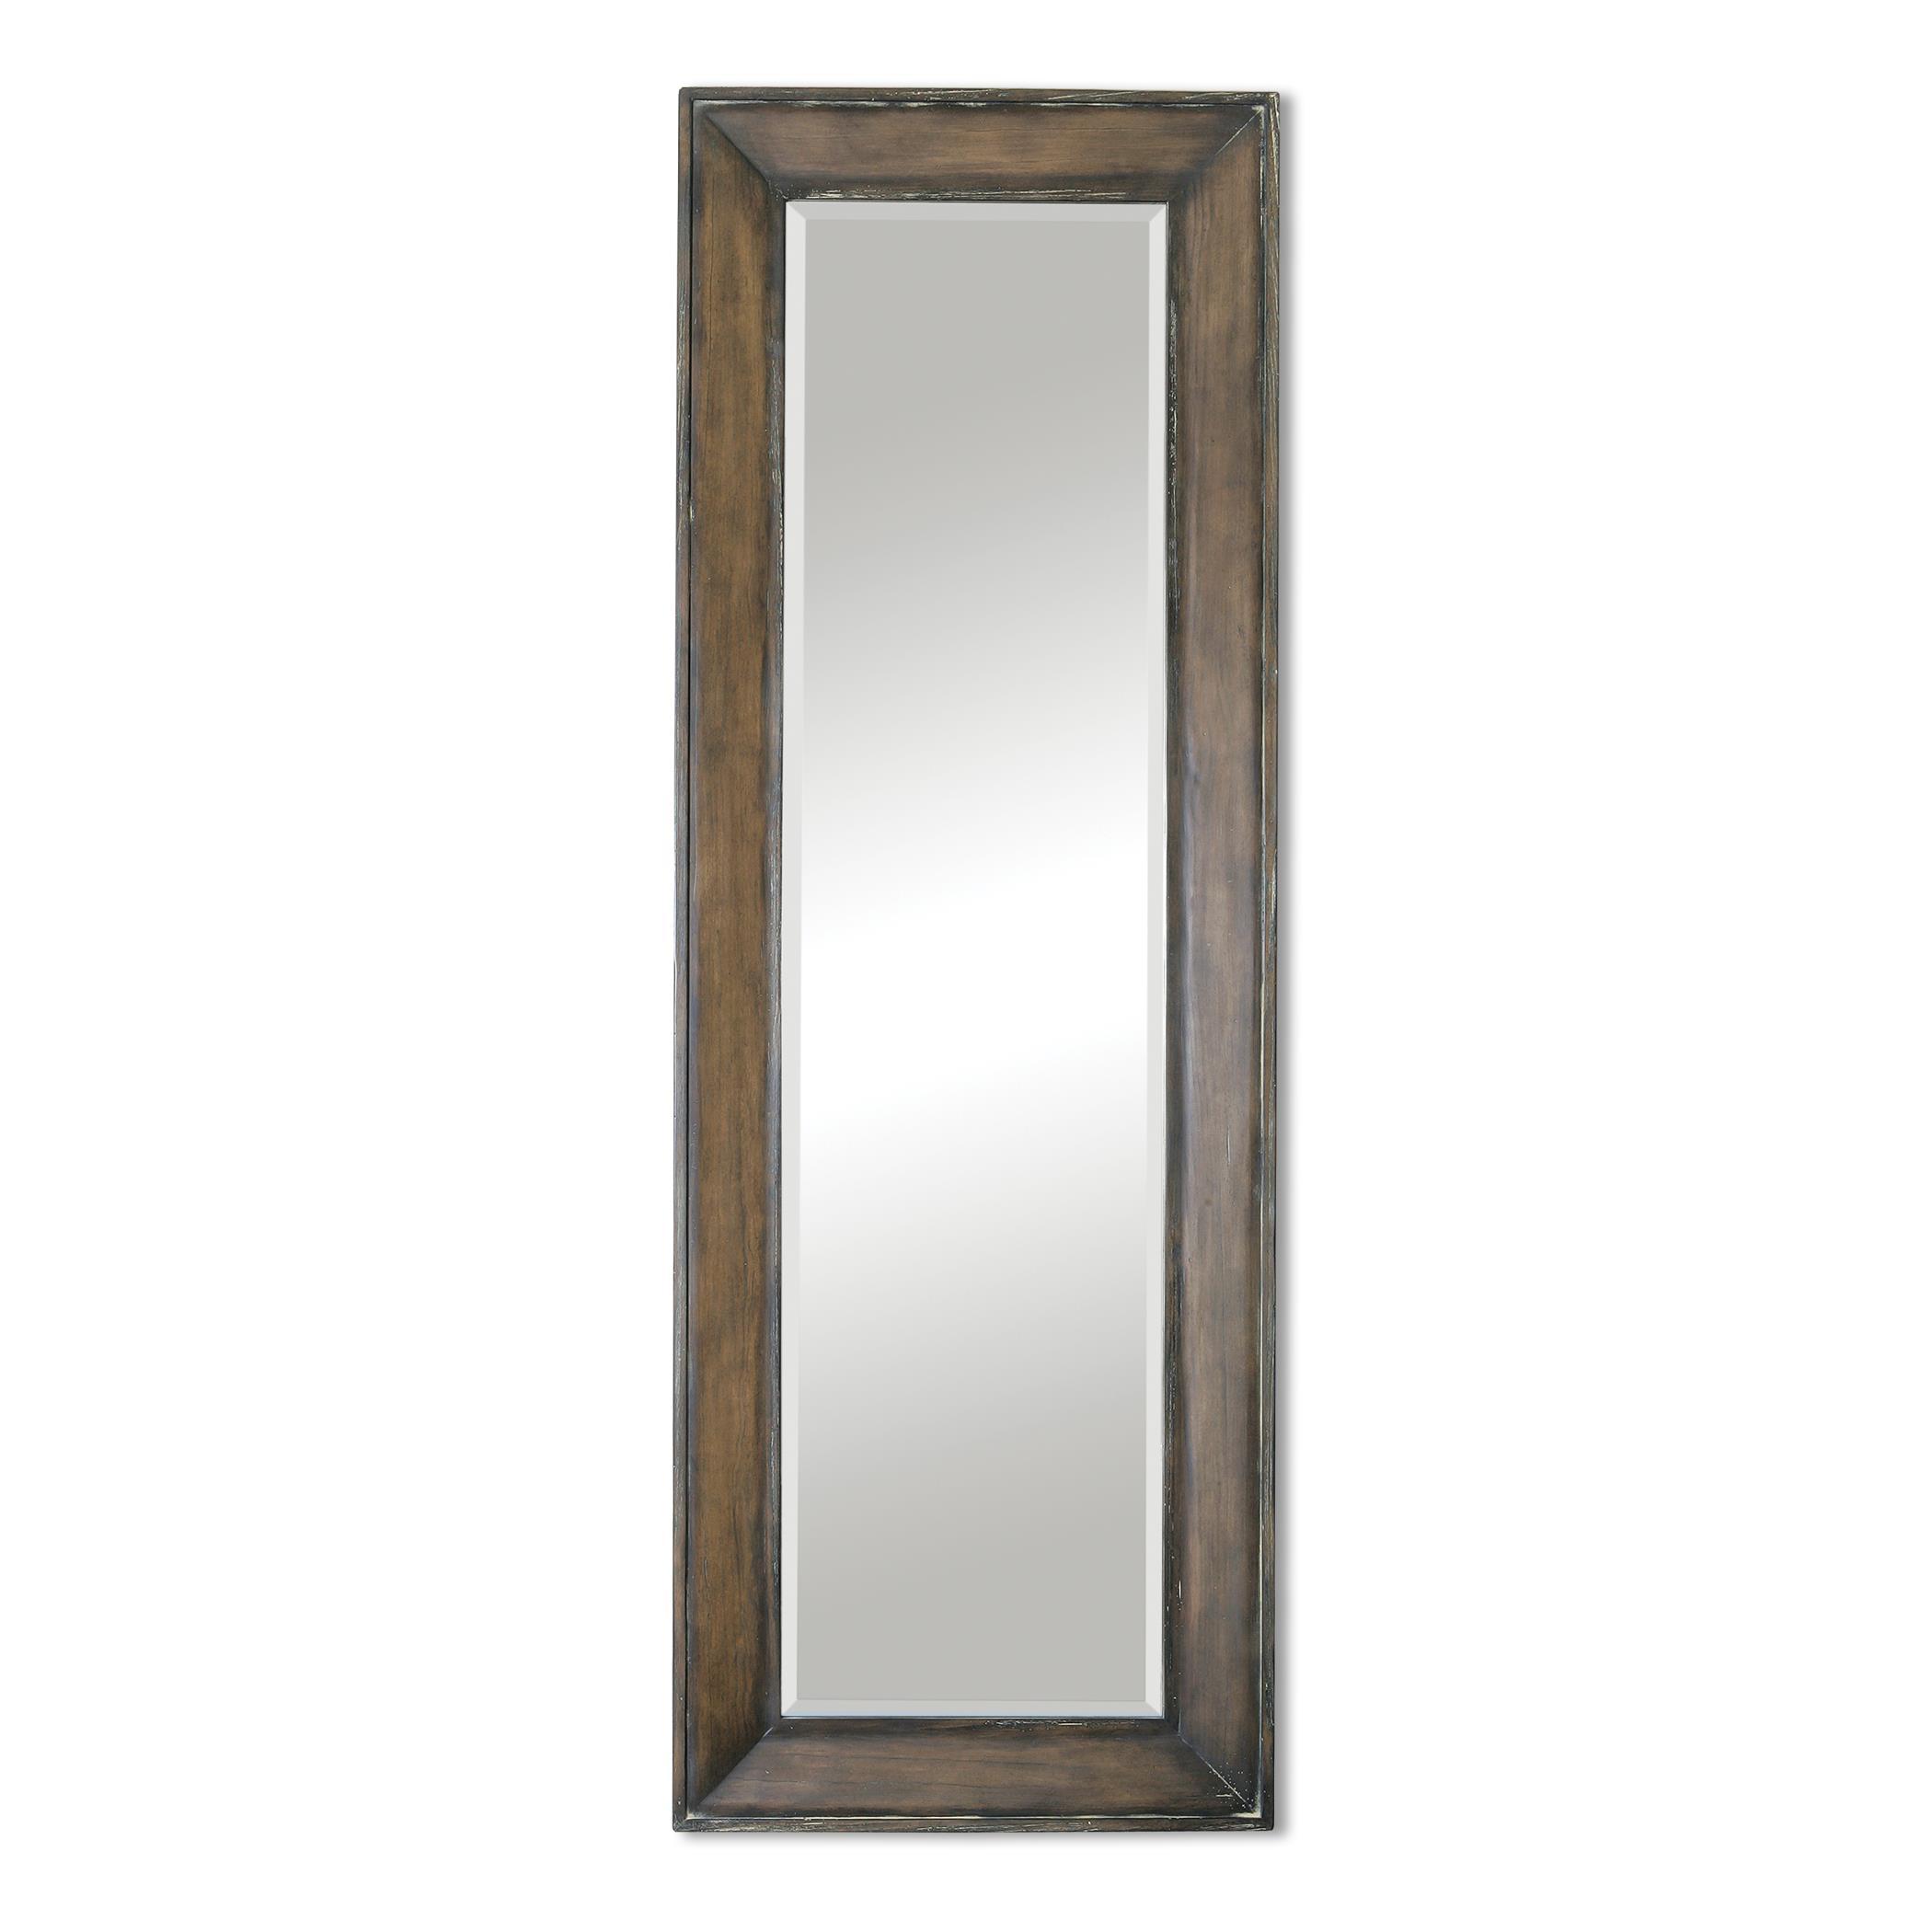 Uttermost Mirrors Kerrigan Tall Mirror - Item Number: 09522